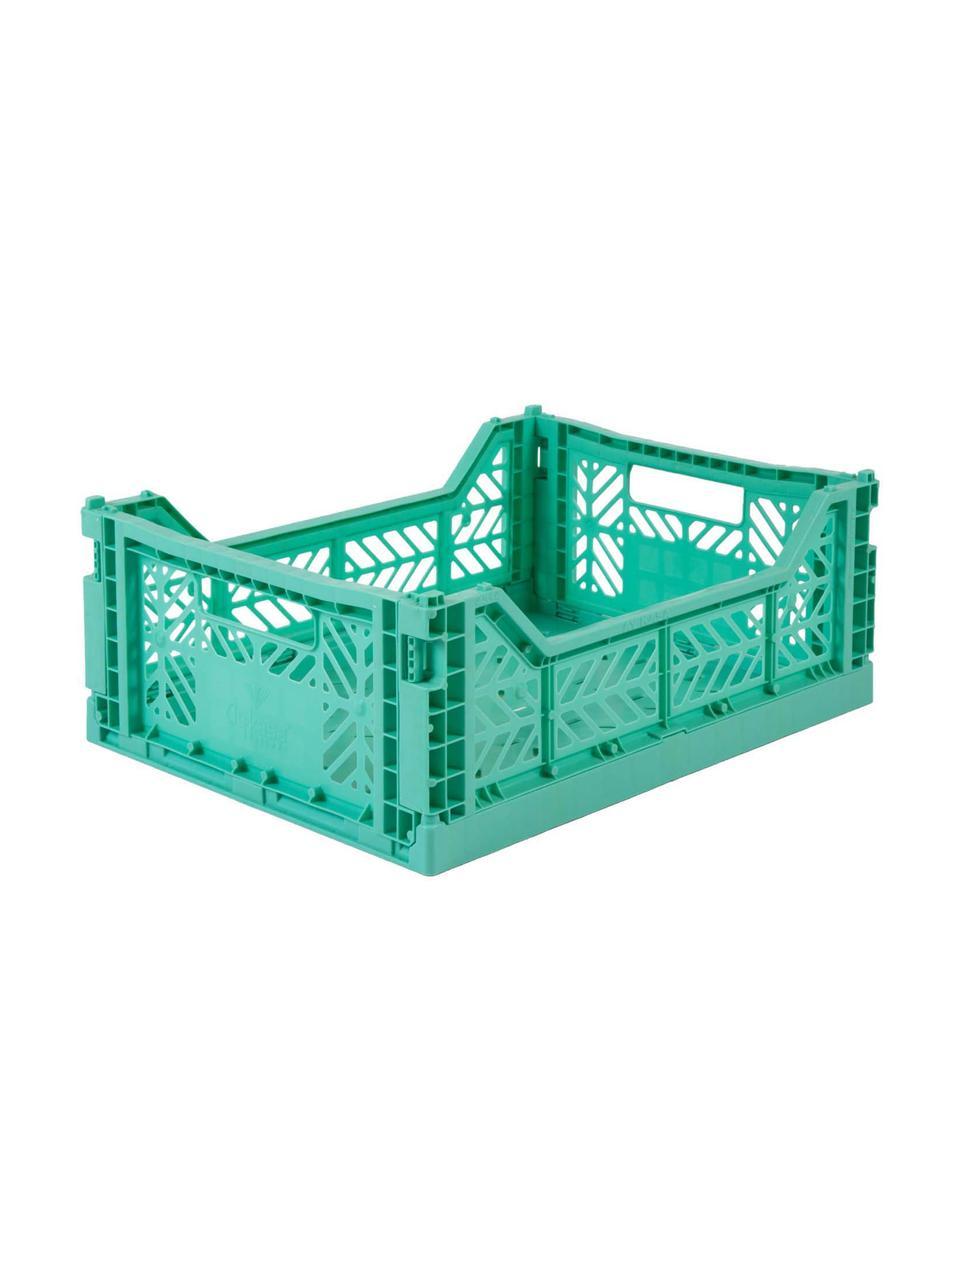 Cesto medio pieghevole e impilabile Mint, Materiale sintetico riciclato, Verde menta, Larg. 40 x Alt. 14 cm